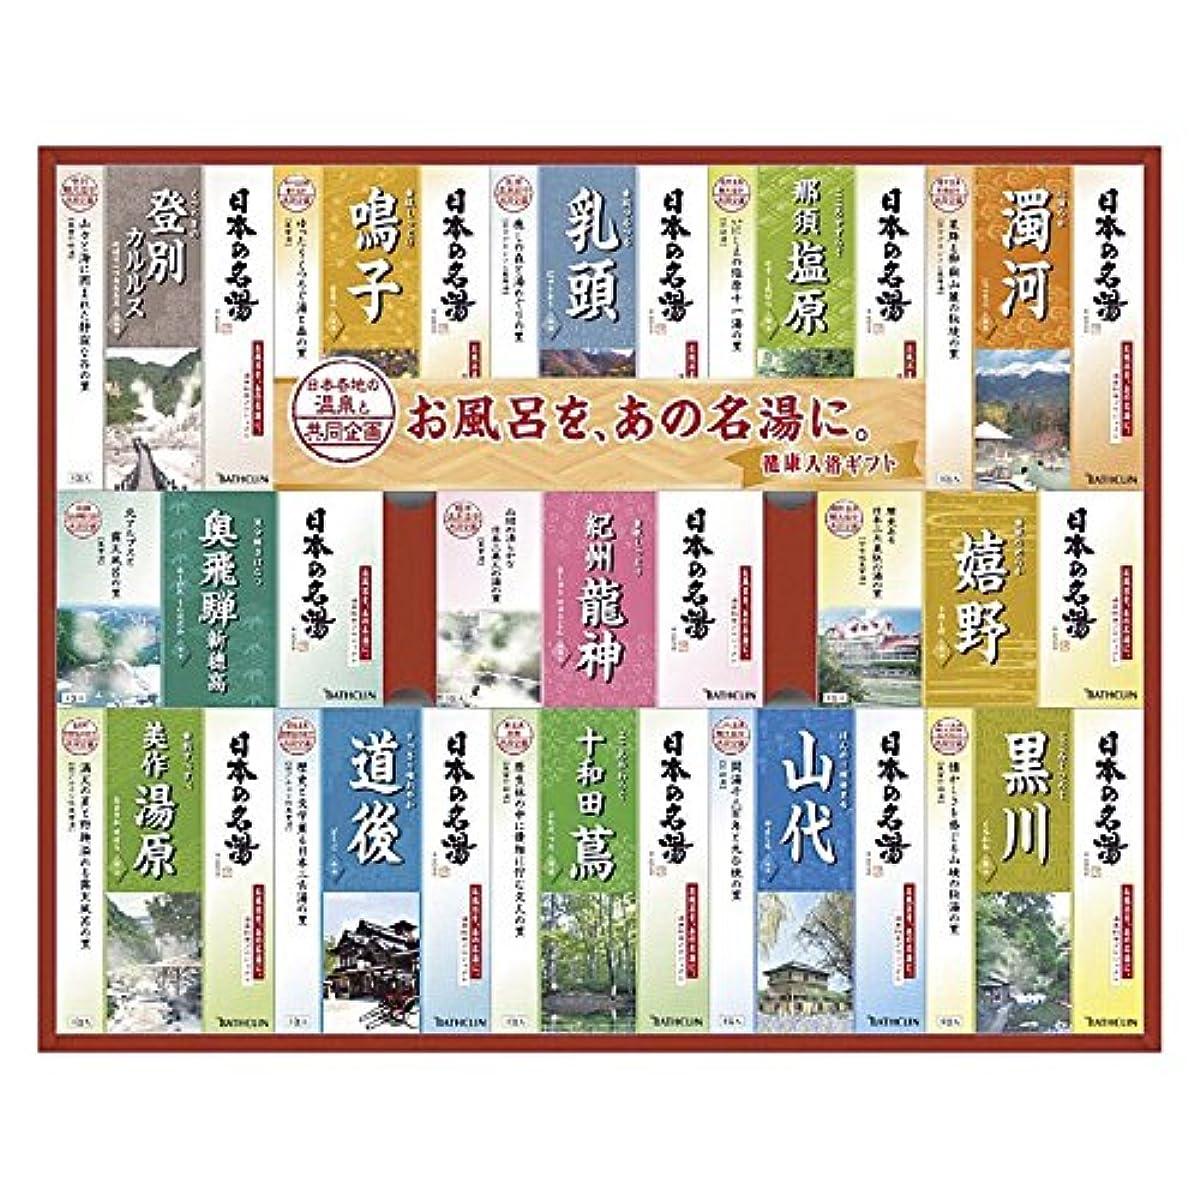 耐久カッター付けるバスクリン 日本の名湯 ギフトセット NMG-50F 【個包装 セット 詰め合わせ 疲労回復 ご褒美 贅沢 プチギフト 温まる 温泉 粉 ご当地 まとめ買い 名湯 リラックス 美肌 つめあわせ やさしい やすらぎ】